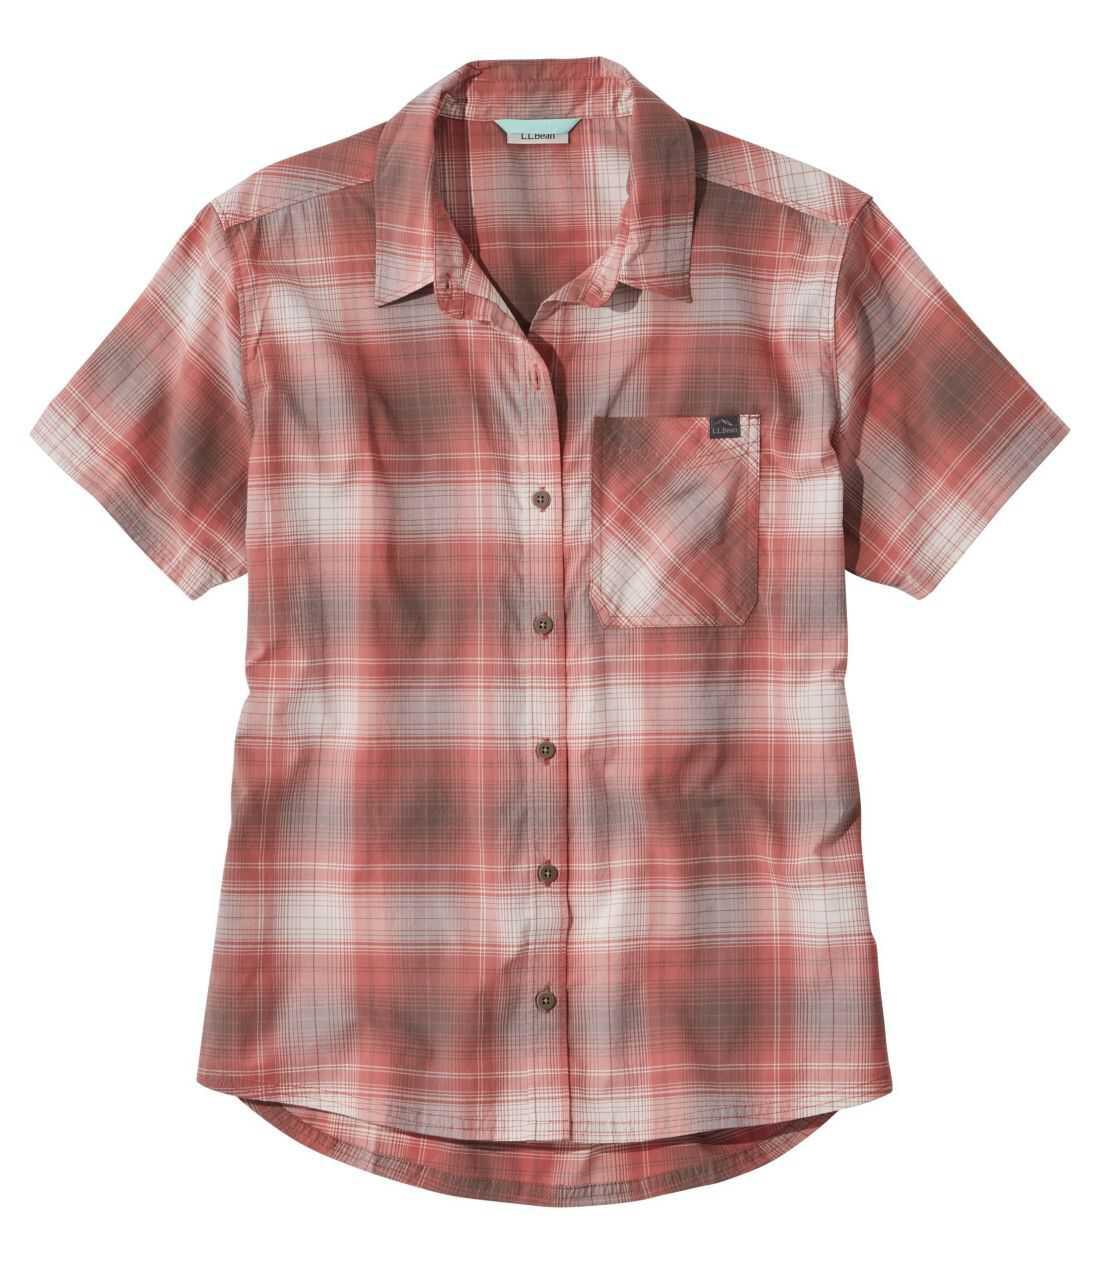 ビーチ・クルーザー・サマー・シャツ、半袖 プラッド